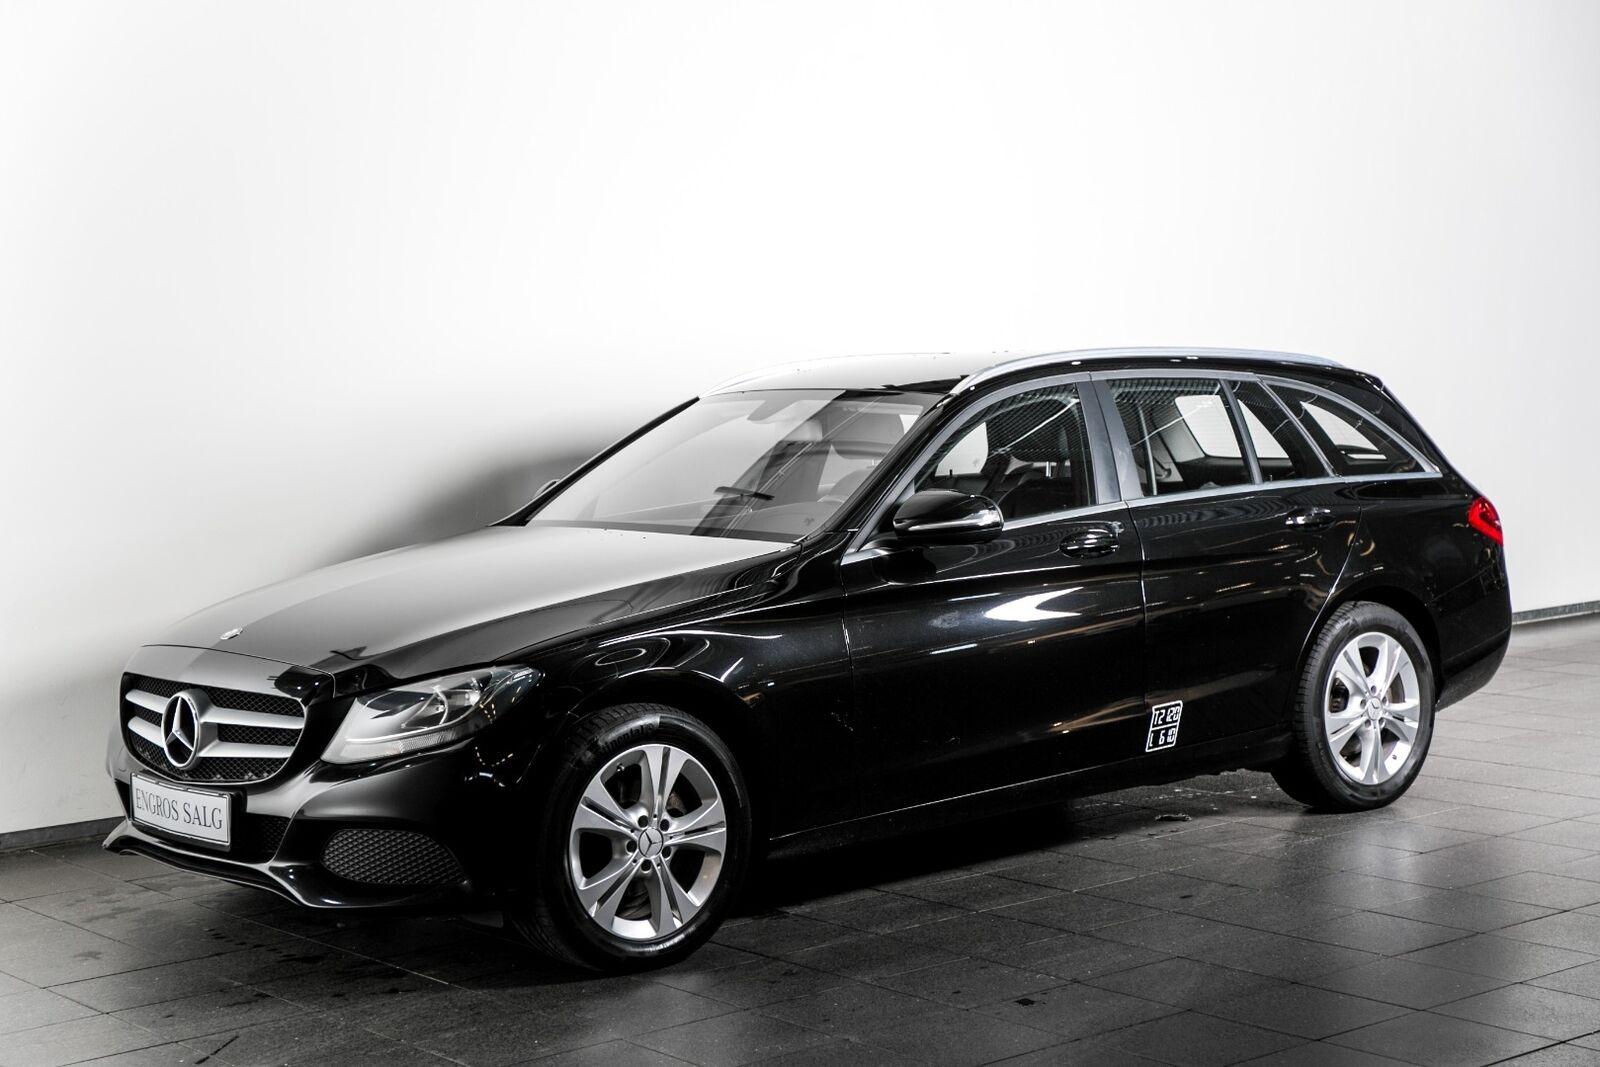 Mercedes-Benz C200 1,6 BlueTEC stc. Van